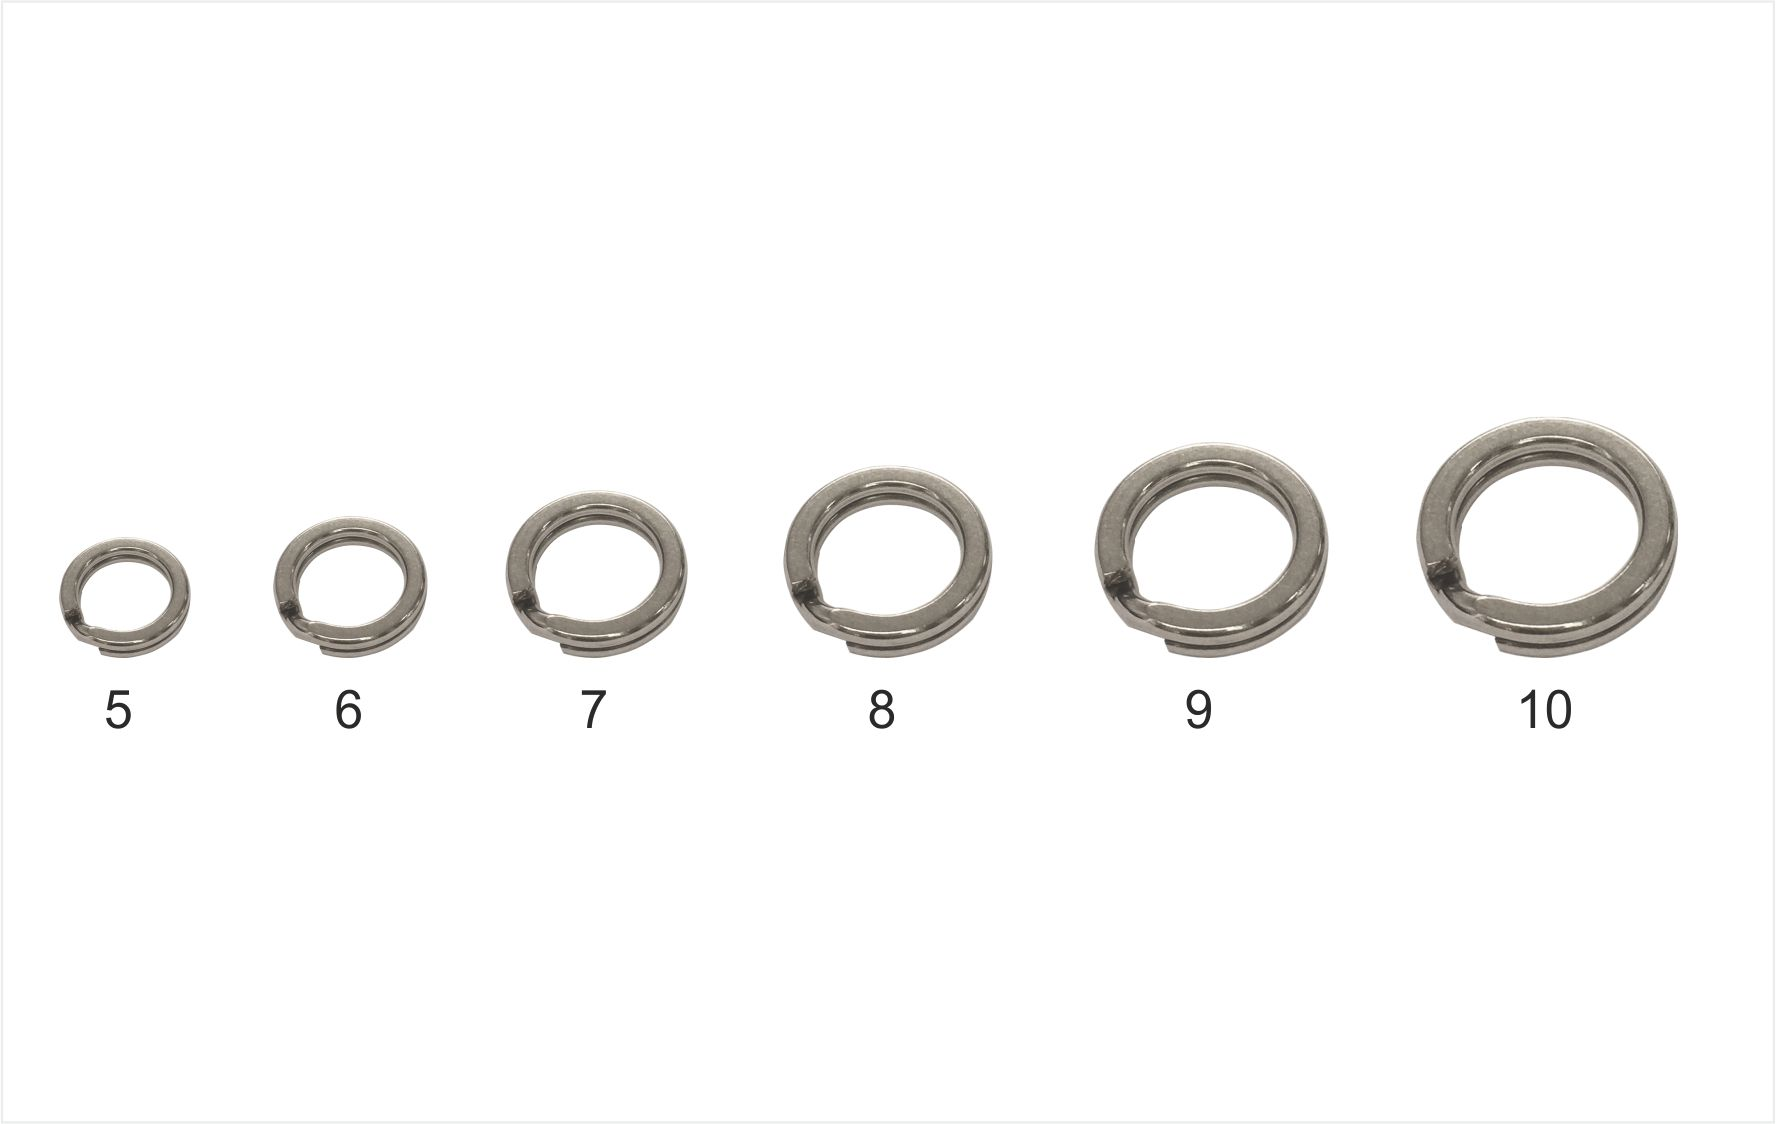 Mistrall pevnostní kroužek Split ring, vel. 9, 70 kg, 10ks/bal